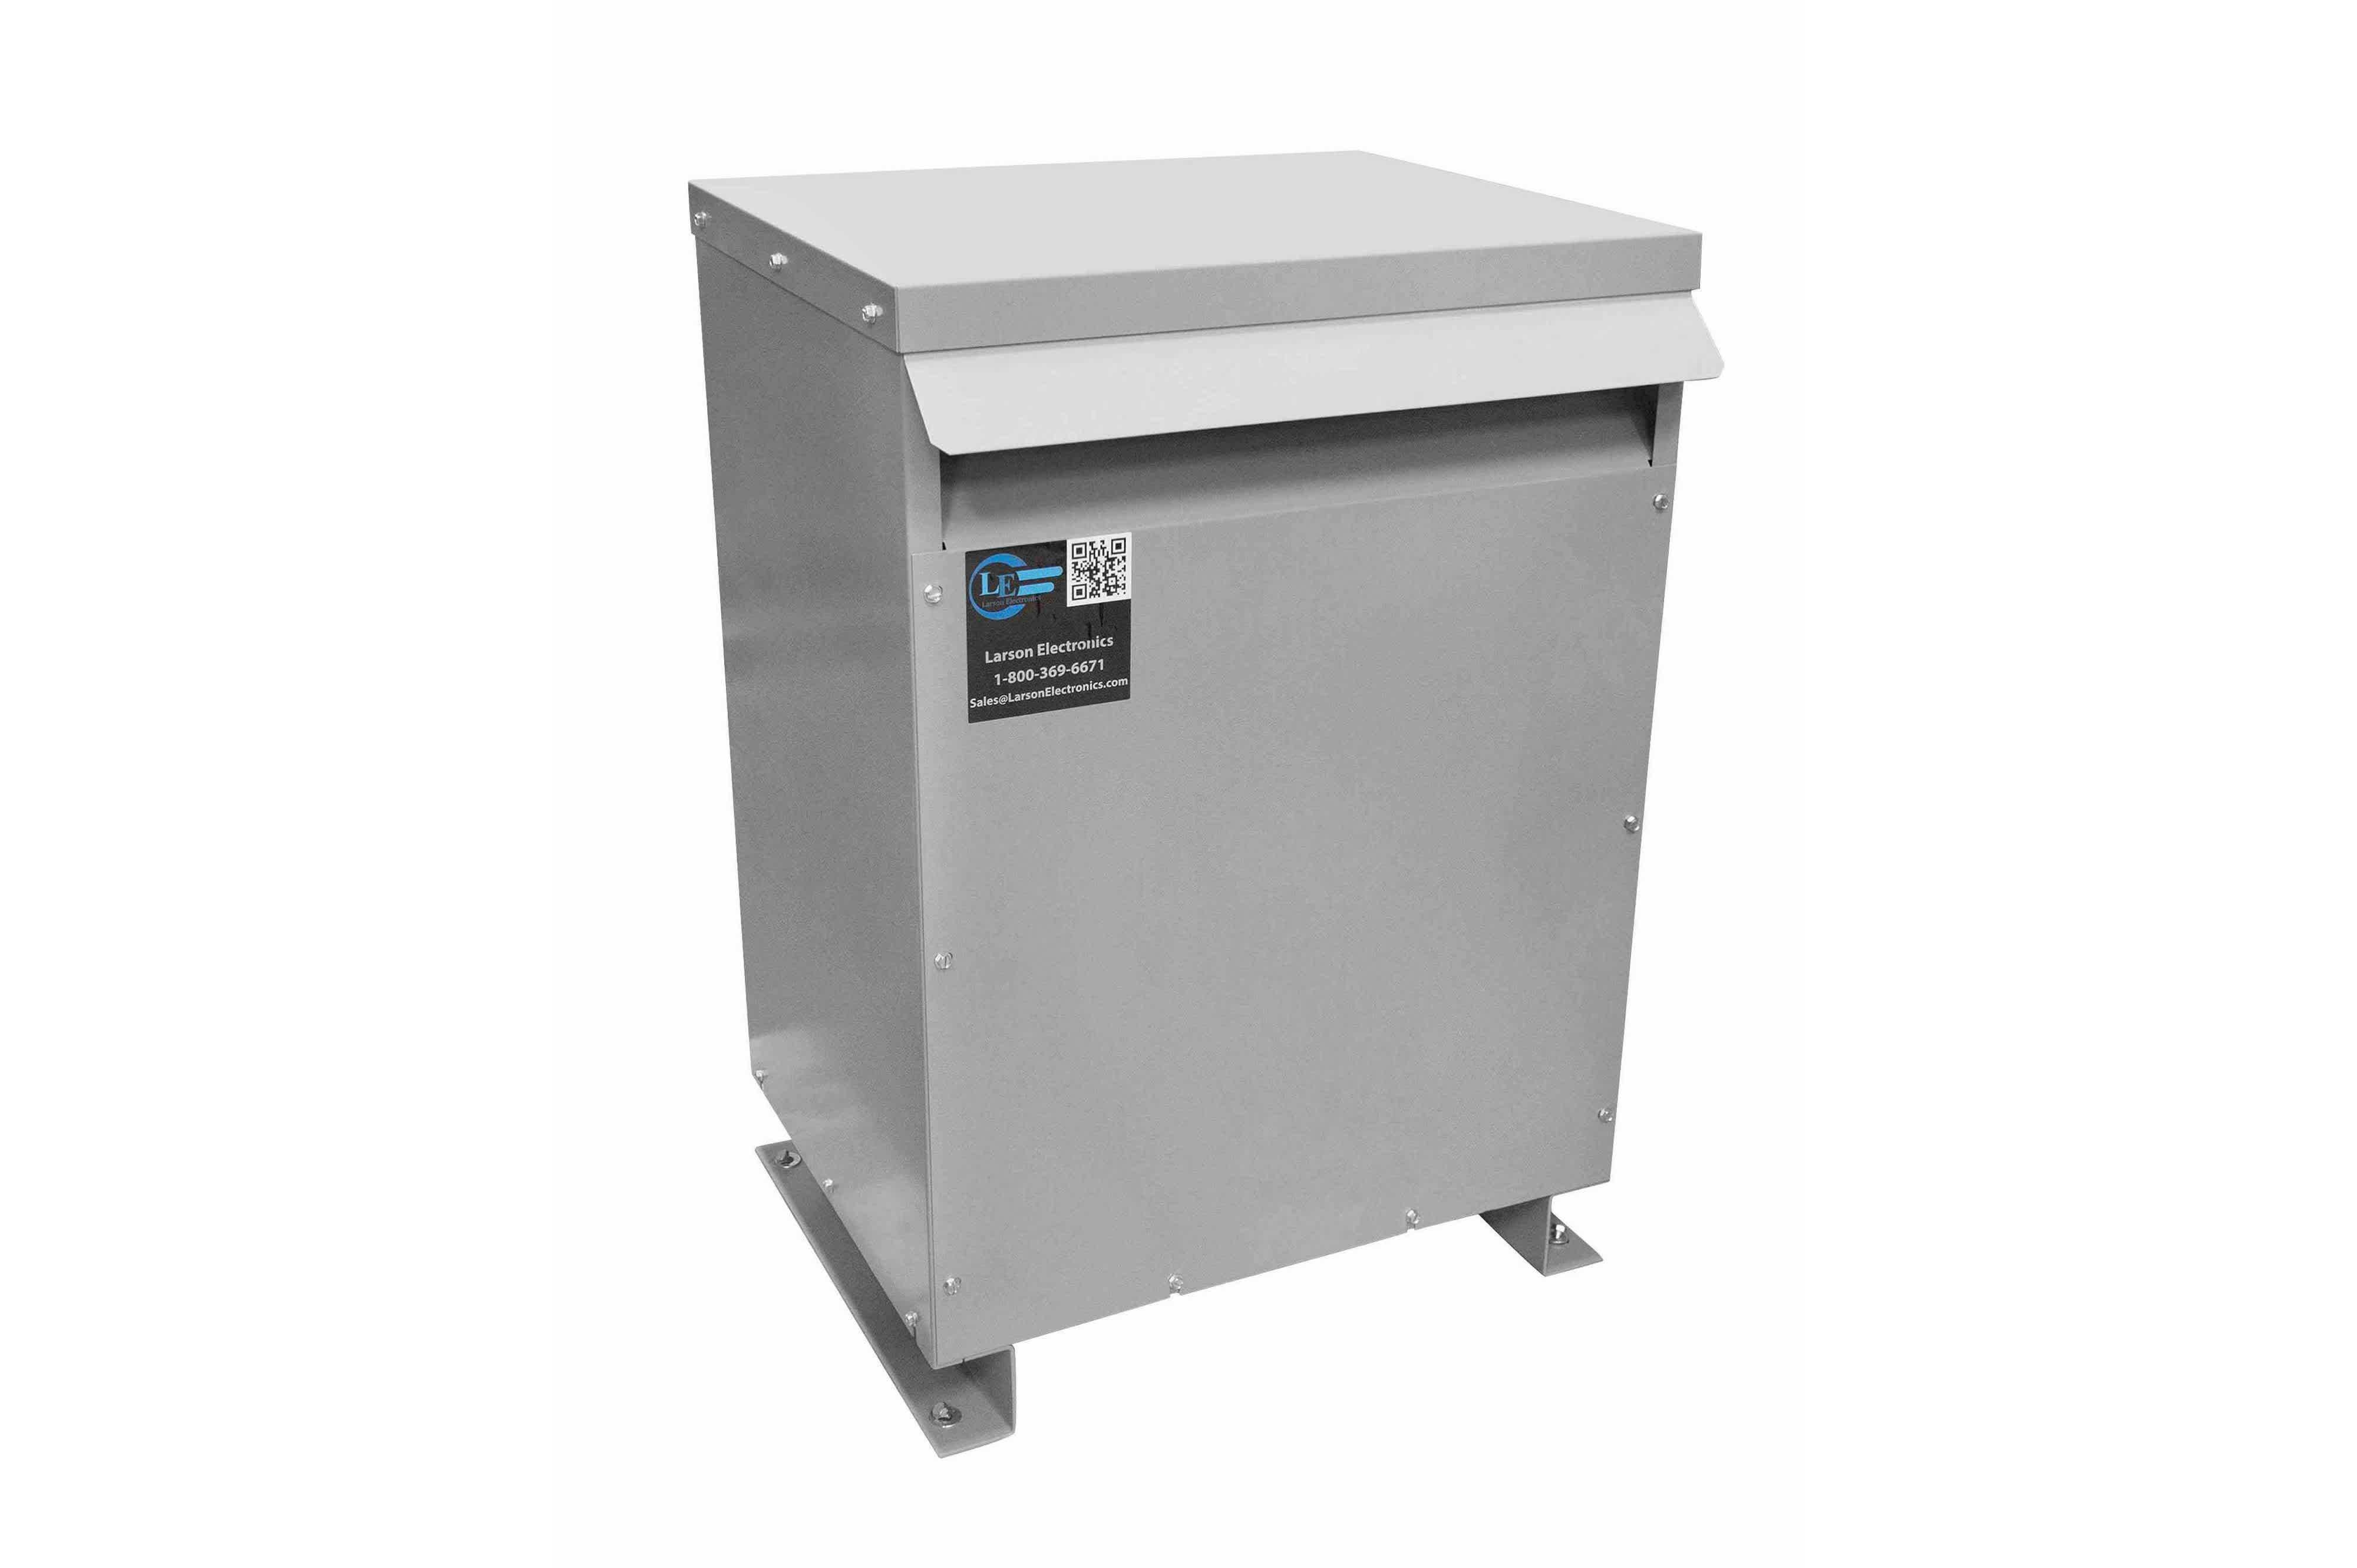 167 kVA 3PH Isolation Transformer, 575V Delta Primary, 240 Delta Secondary, N3R, Ventilated, 60 Hz